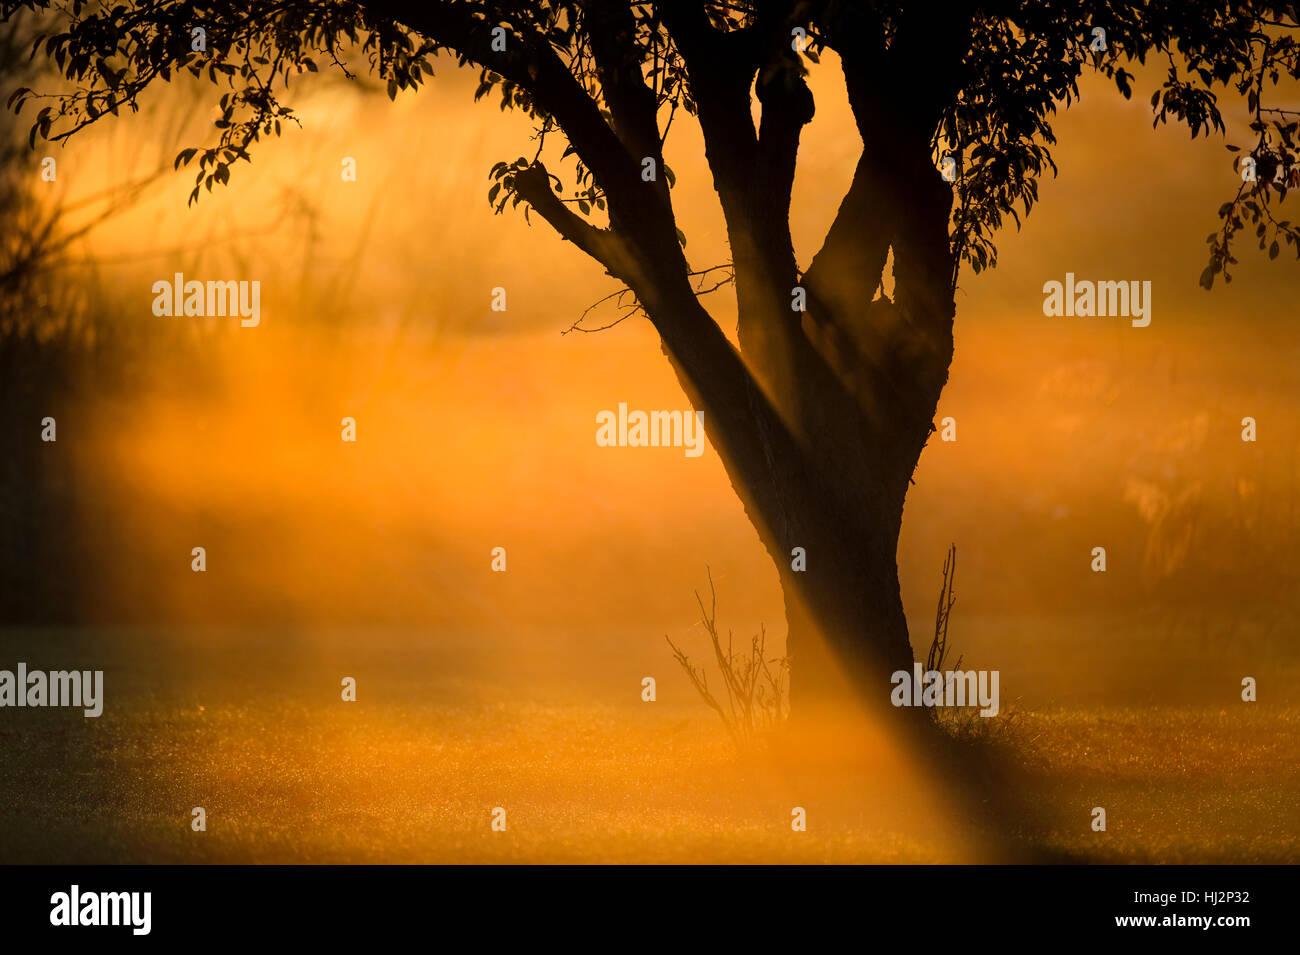 Ein Baum steht in einem offenen Feld wie die Sonne die Morgennebel eine leuchtende Orange um den Baum herum leuchten Stockbild